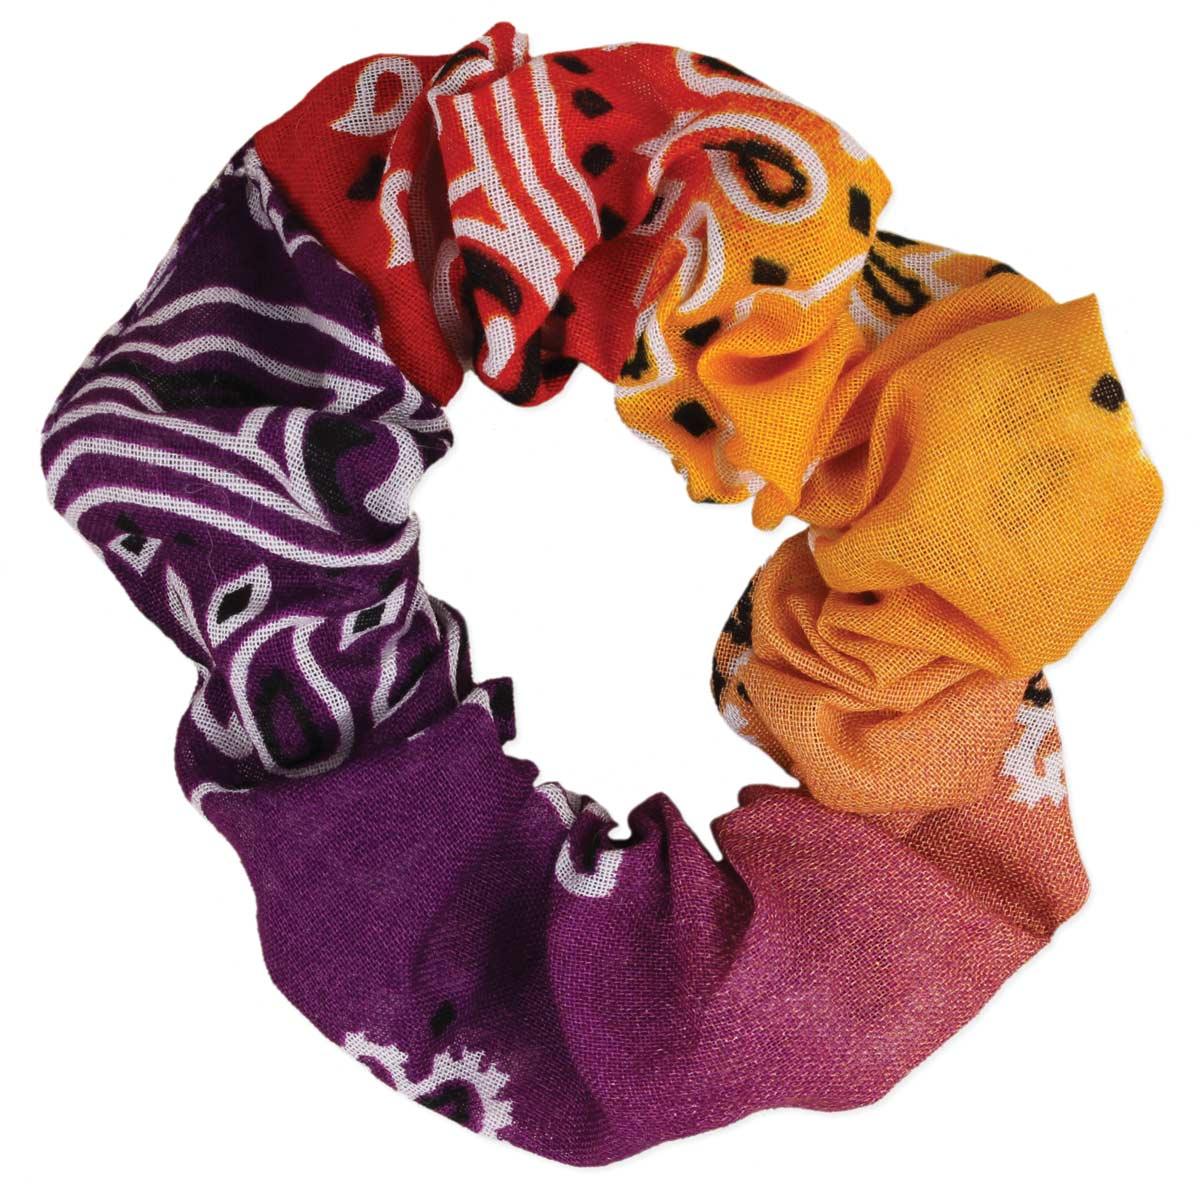 Ombre Tie Dye Bandana Scrunchie